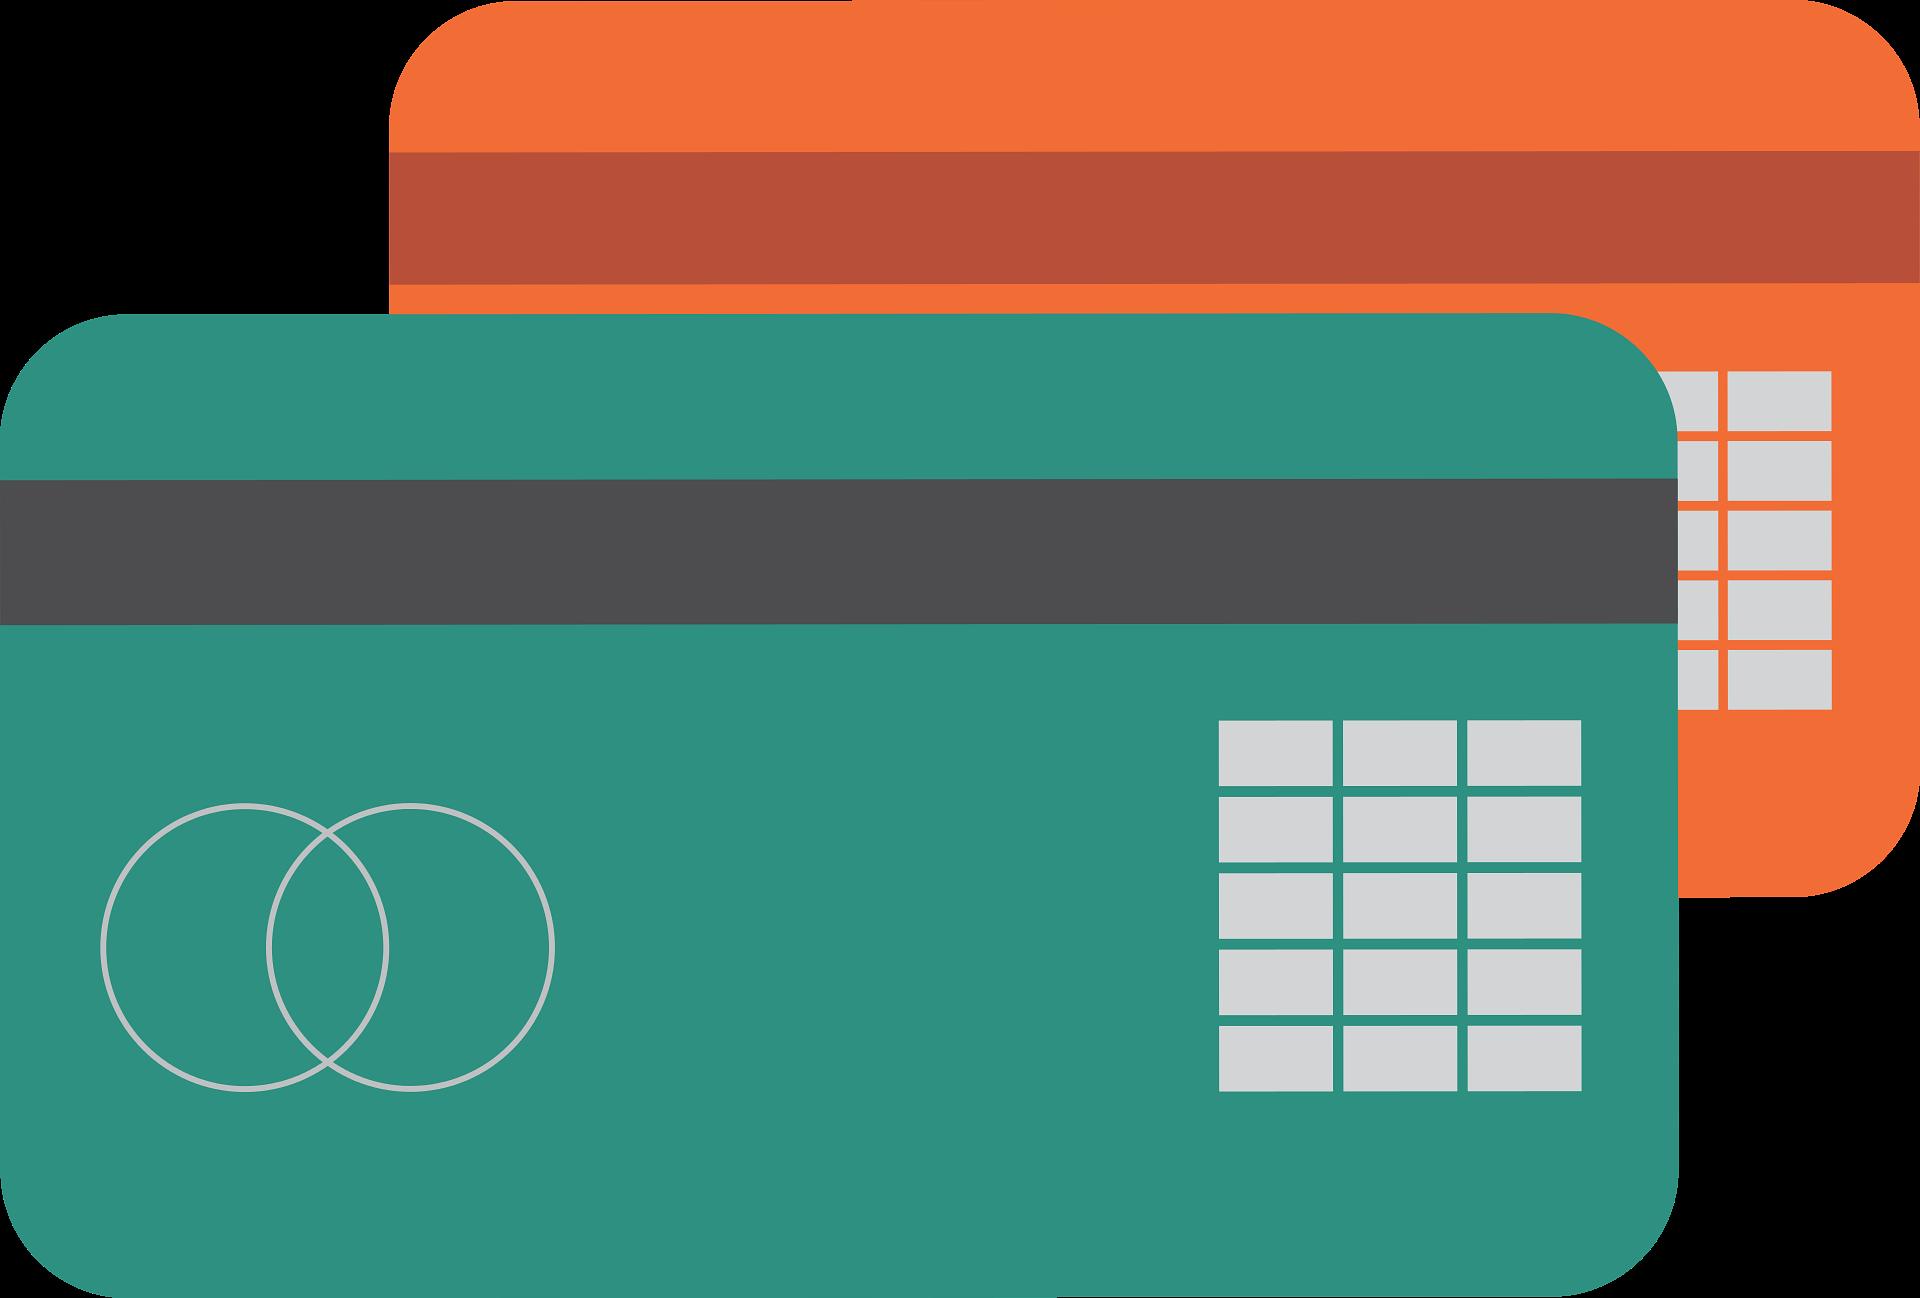 tarjetas-fidelizacion-supermercados-ahorrar